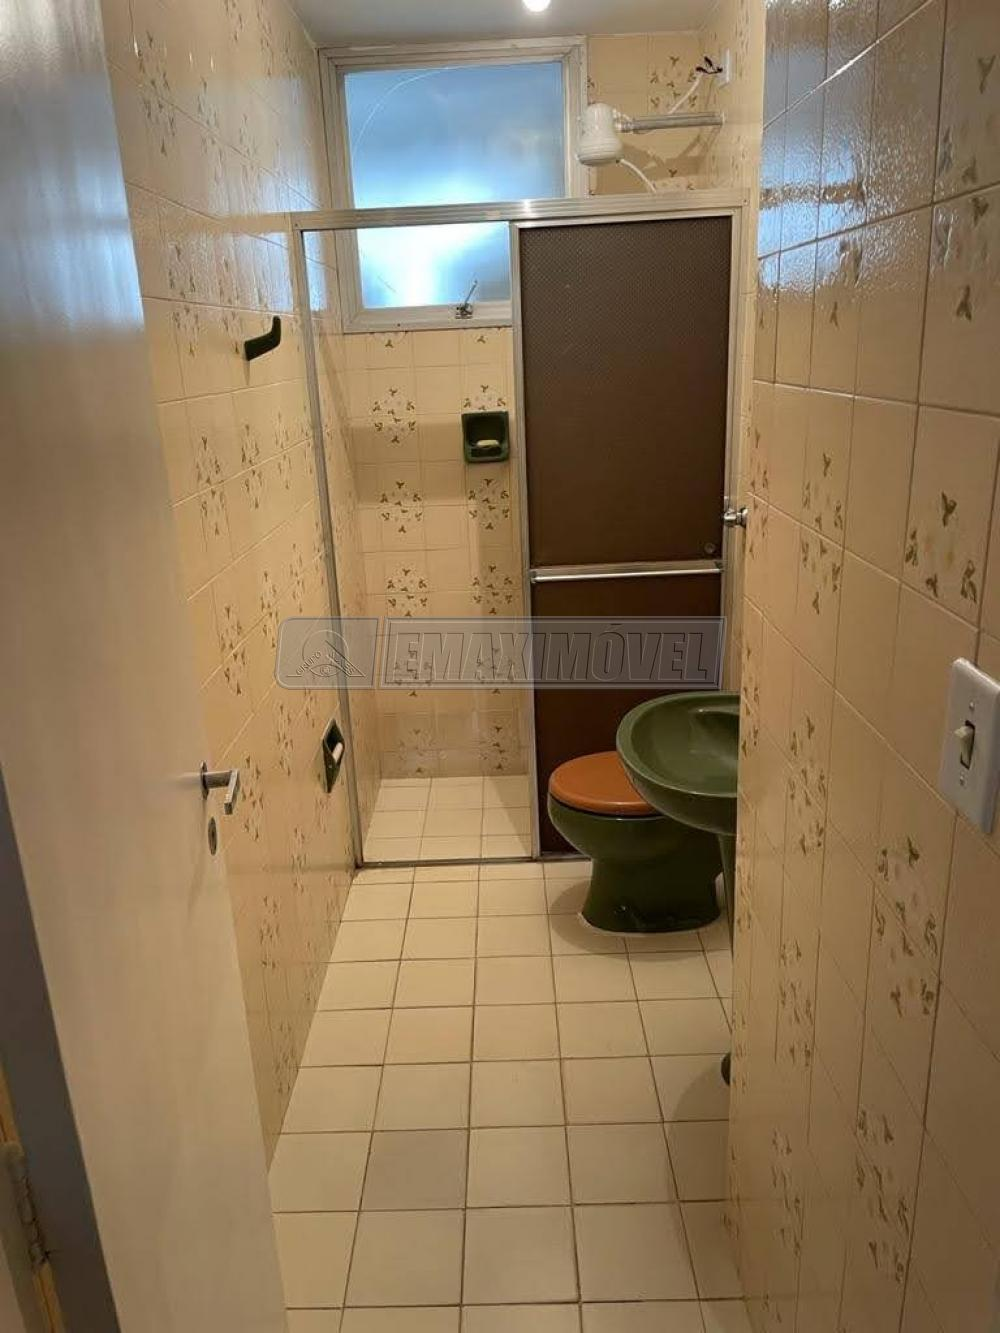 Comprar Apartamento / Padrão em Sorocaba R$ 400.000,00 - Foto 3